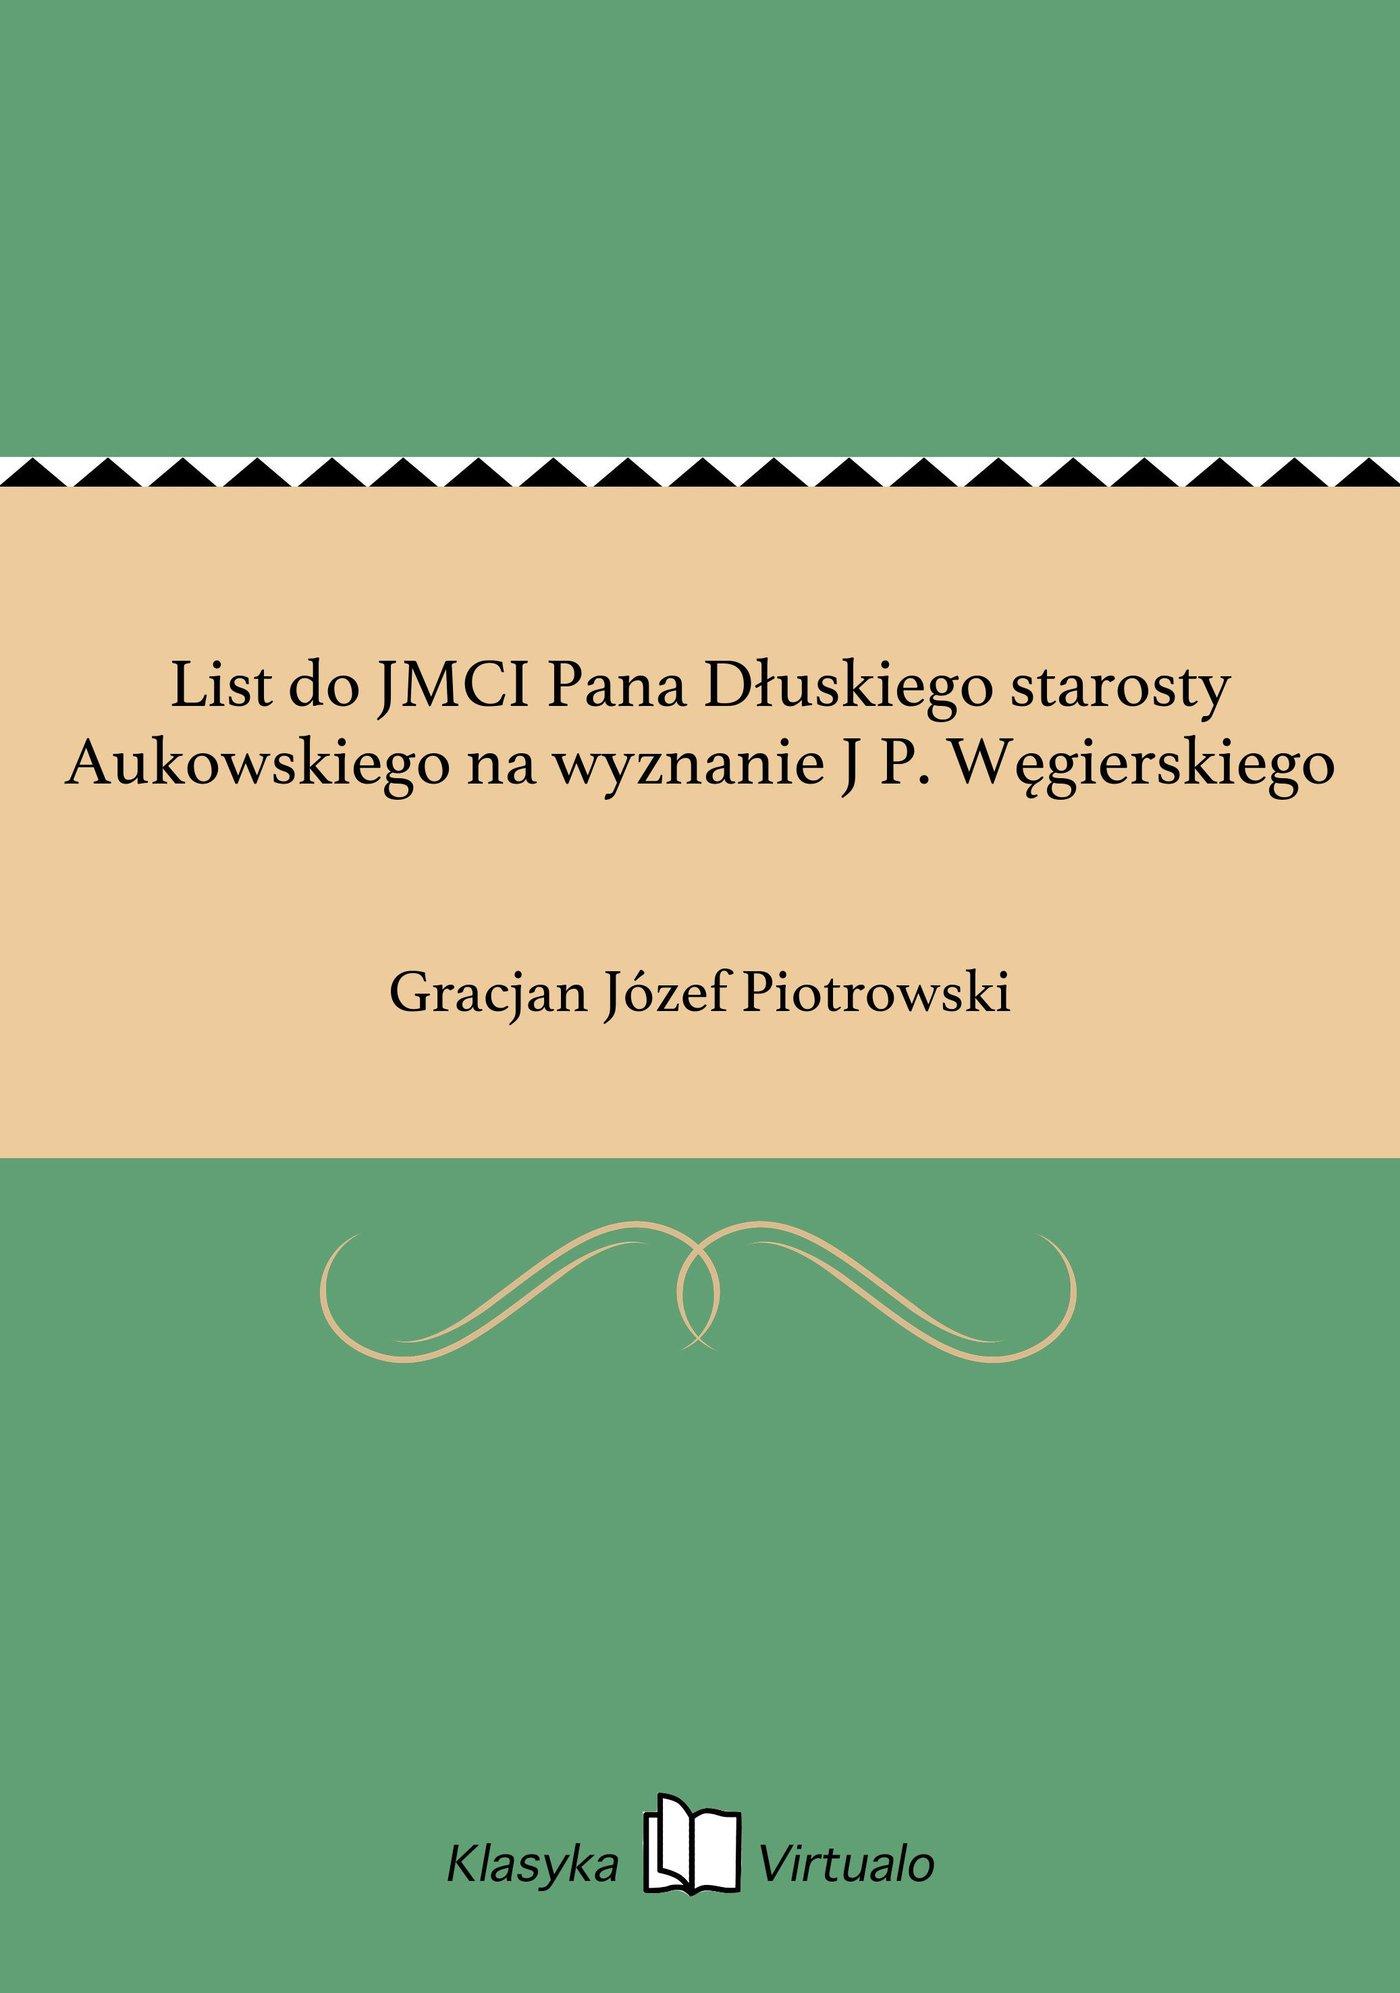 List do JMCI Pana Dłuskiego starosty Aukowskiego na wyznanie J P. Węgierskiego - Ebook (Książka EPUB) do pobrania w formacie EPUB